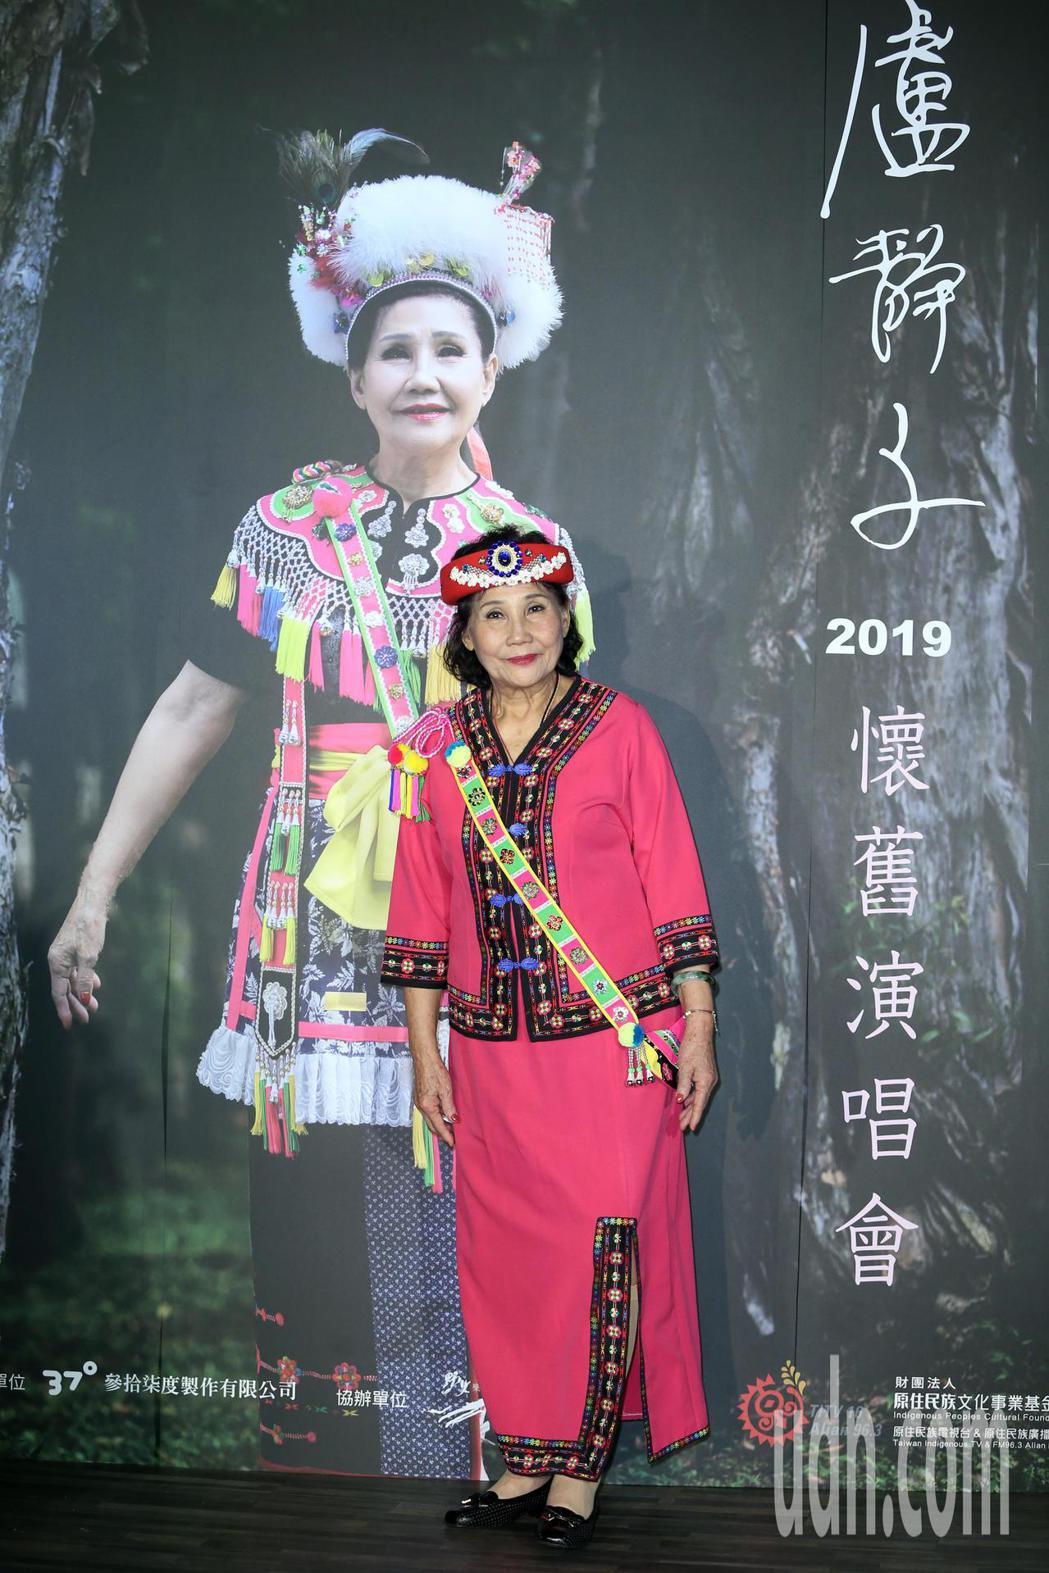 75歲阿美族一代歌后盧靜子,將於5月28日在華山園區舉行懷舊演唱會。記者曾吉松/...